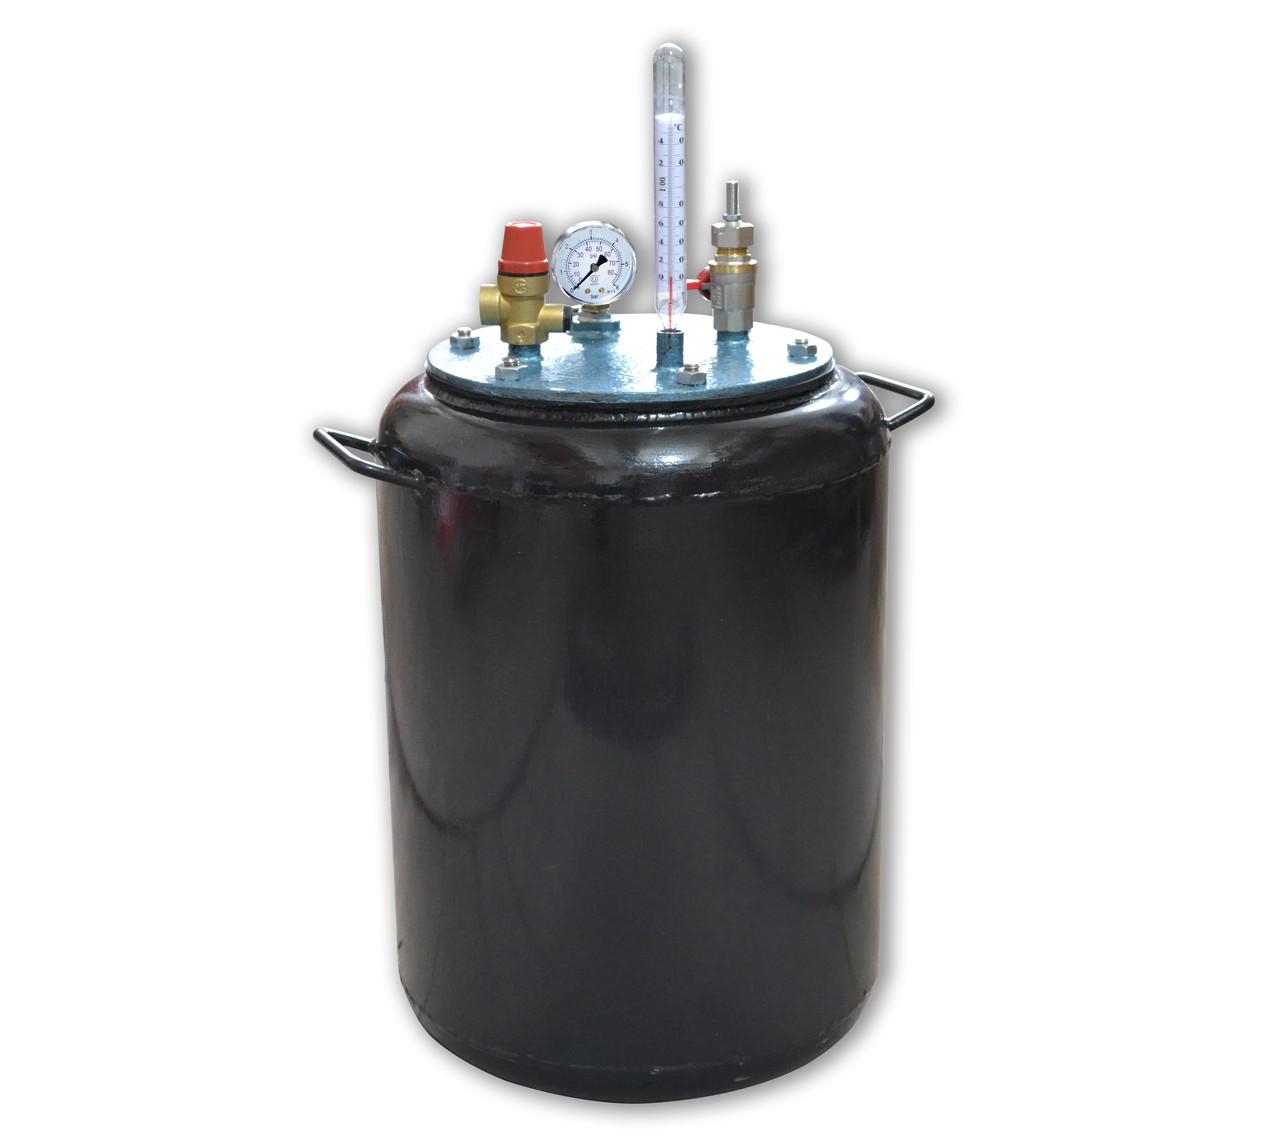 Автоклав домашний УТех-24 (1л-14шт, 0,5л-24шт)